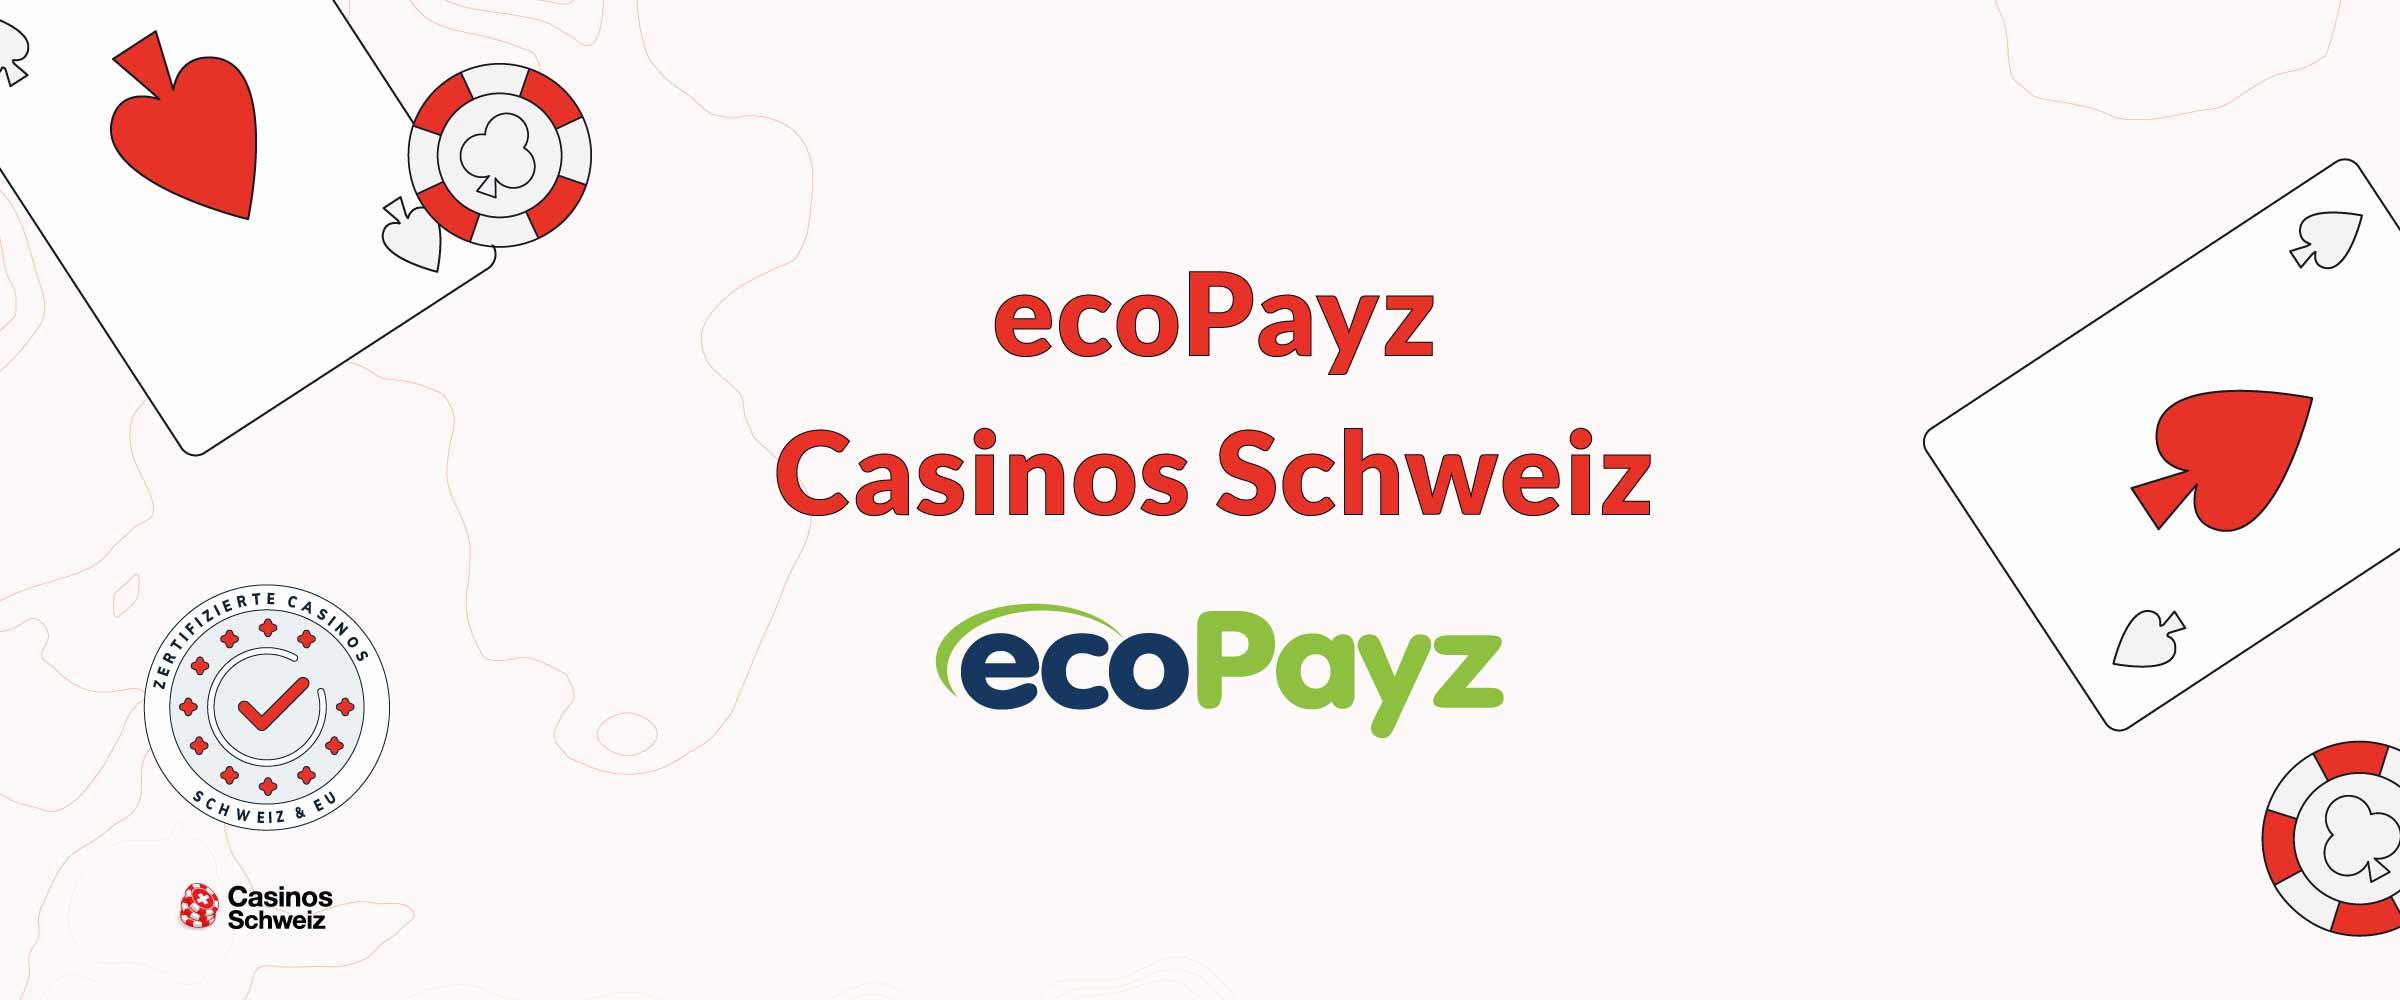 ecoPayz-Casinos Schweiz